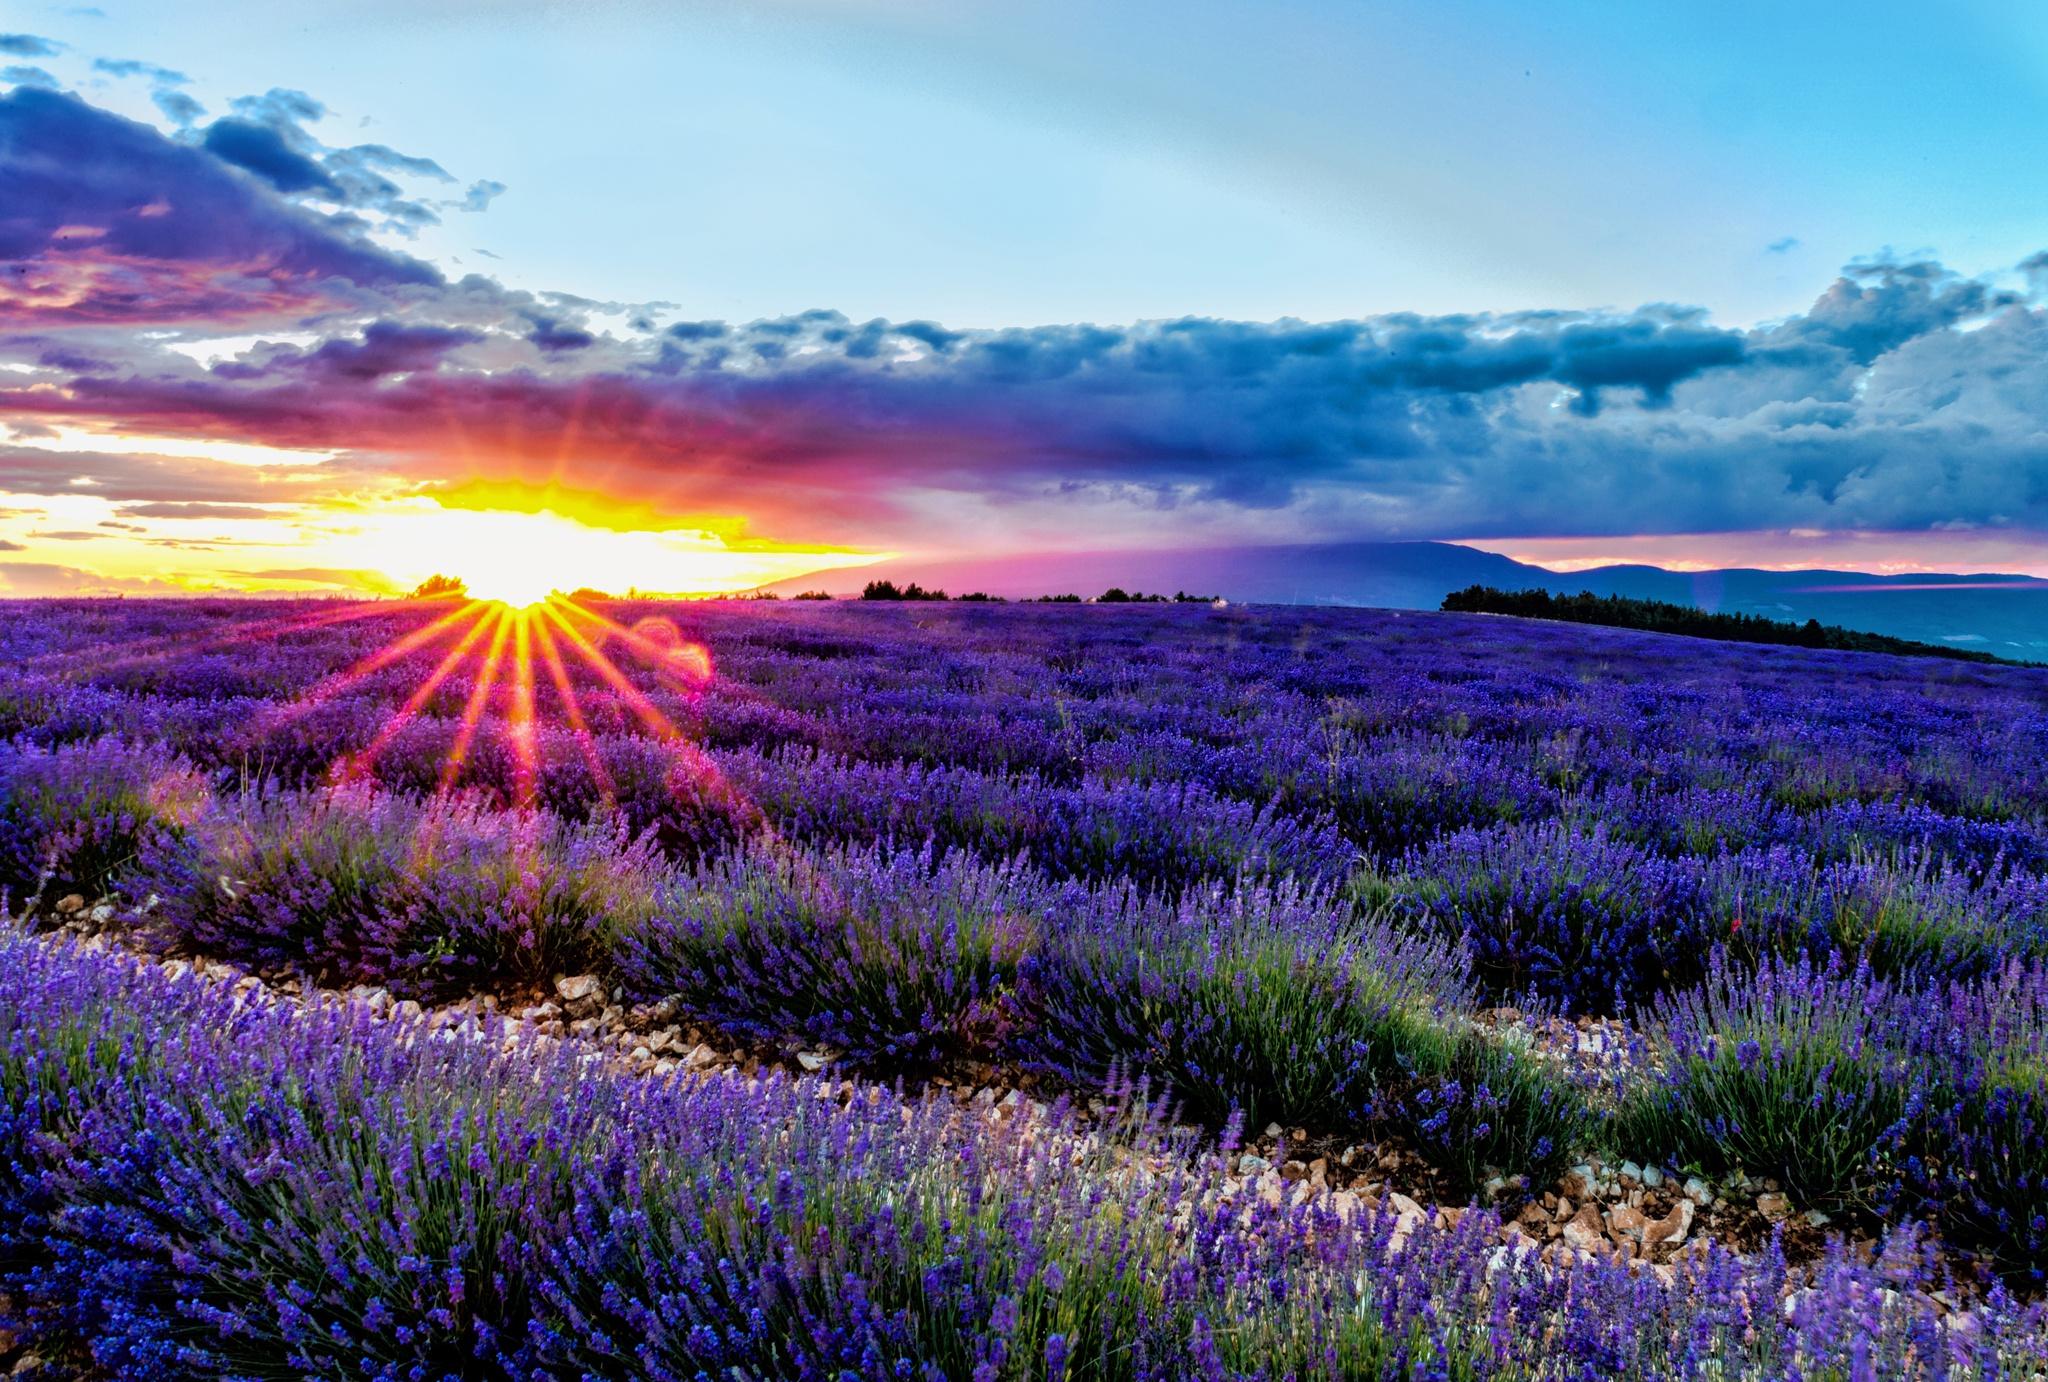 поле цветы рассвет field flowers dawn  № 3837103 бесплатно